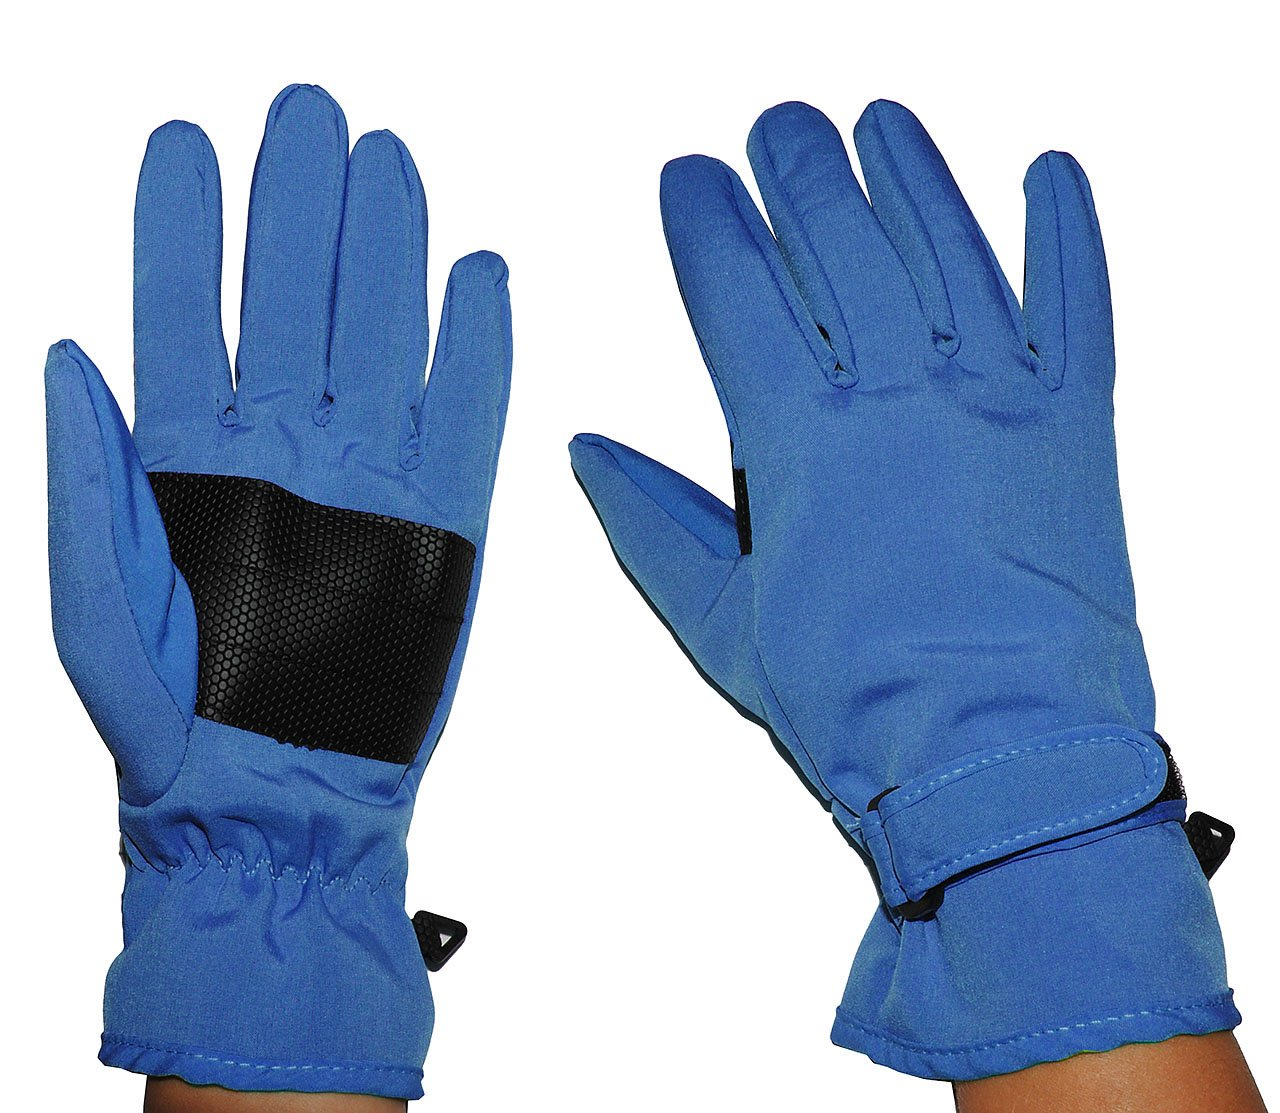 Unbekannt Fingerhandschuhe Softshell - Azur blau - Thermo gefüttert mit Fleece - dünner Thermohandschuh - Größe: 4 bis 5 Jahre - wasserdicht + atmungsaktiv Soft Shell -.. Kinder-land